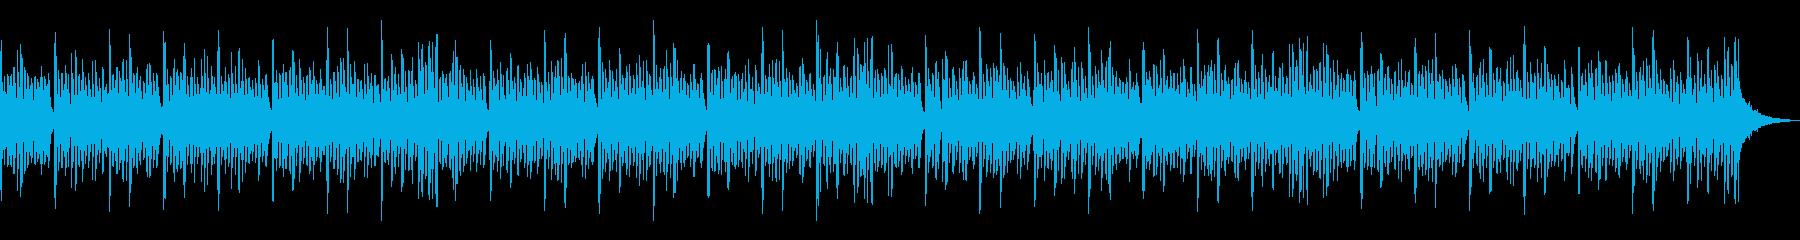 科学研究所のテーマの再生済みの波形